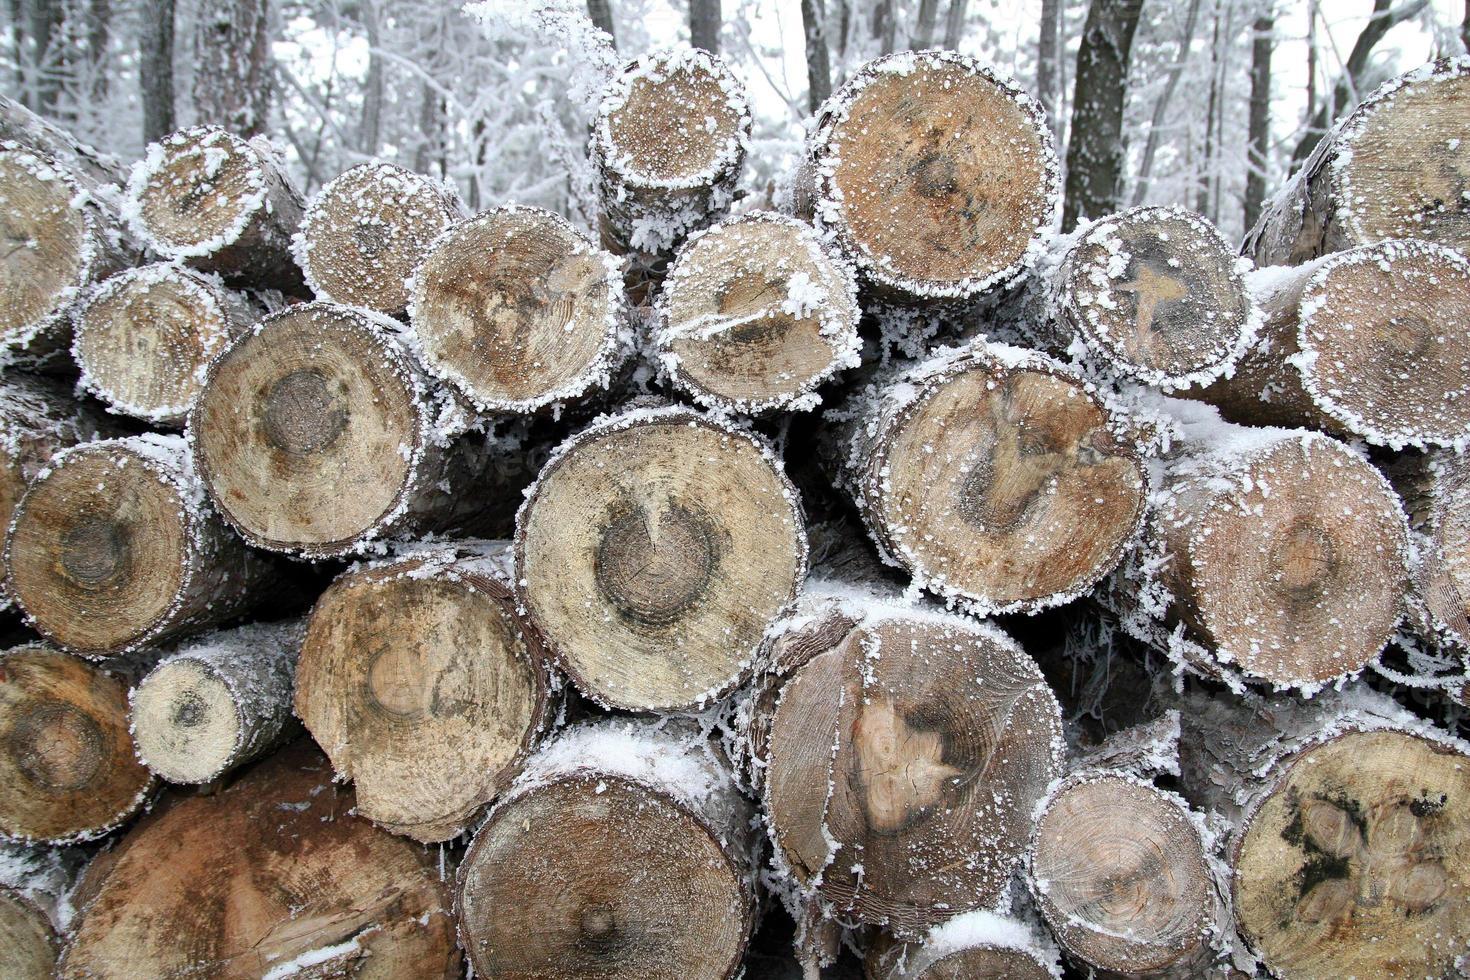 Baumstumpf im Winter. foto